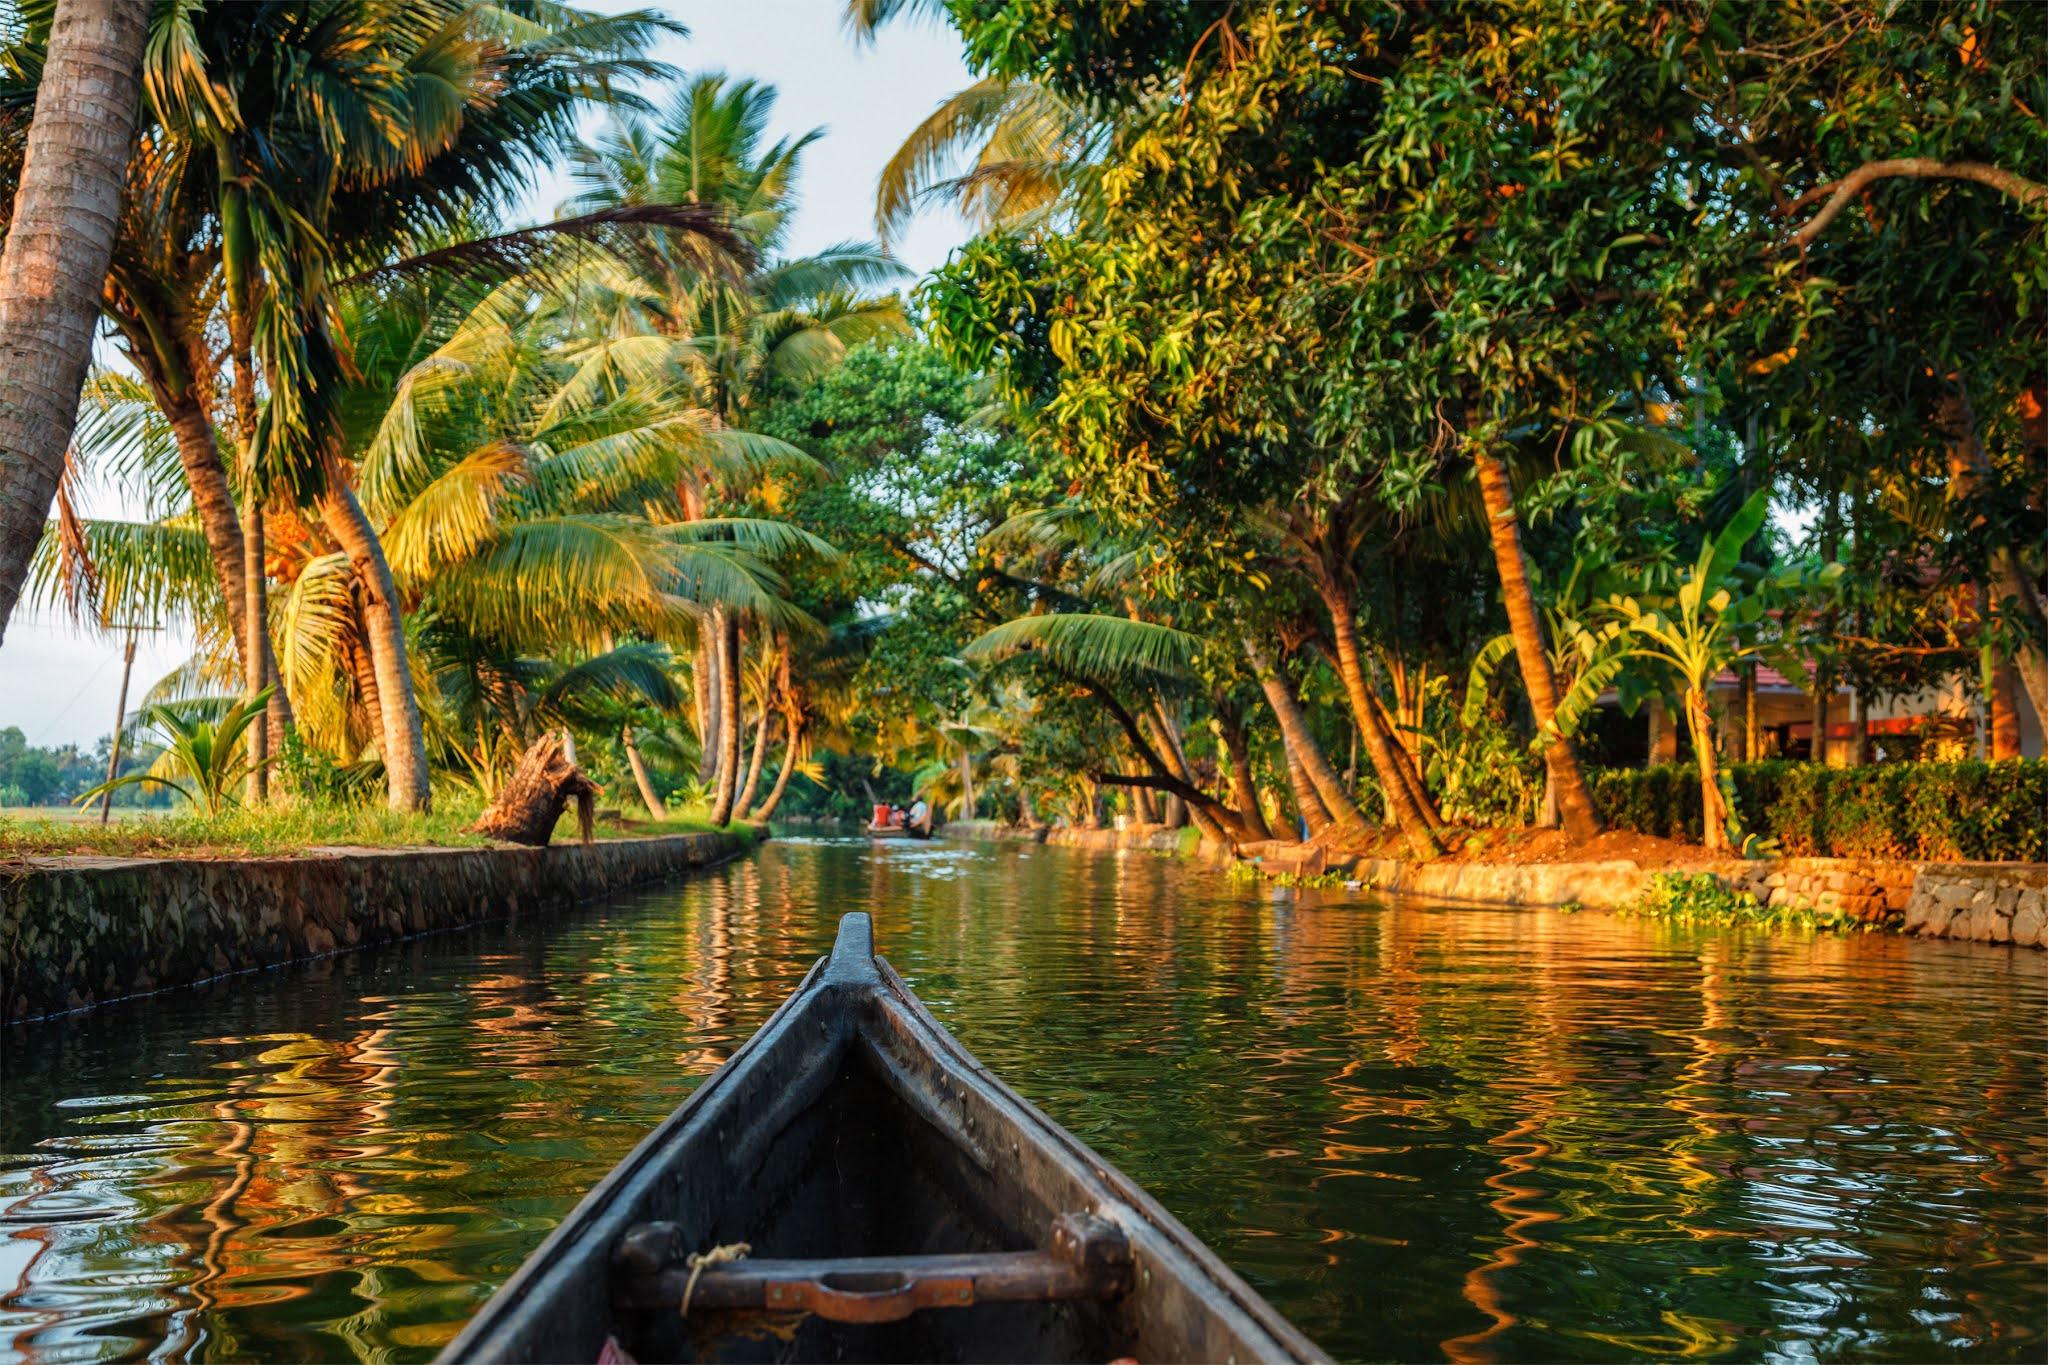 పల్లెల్లో నీటి వనరులు - Water resources in the Villages